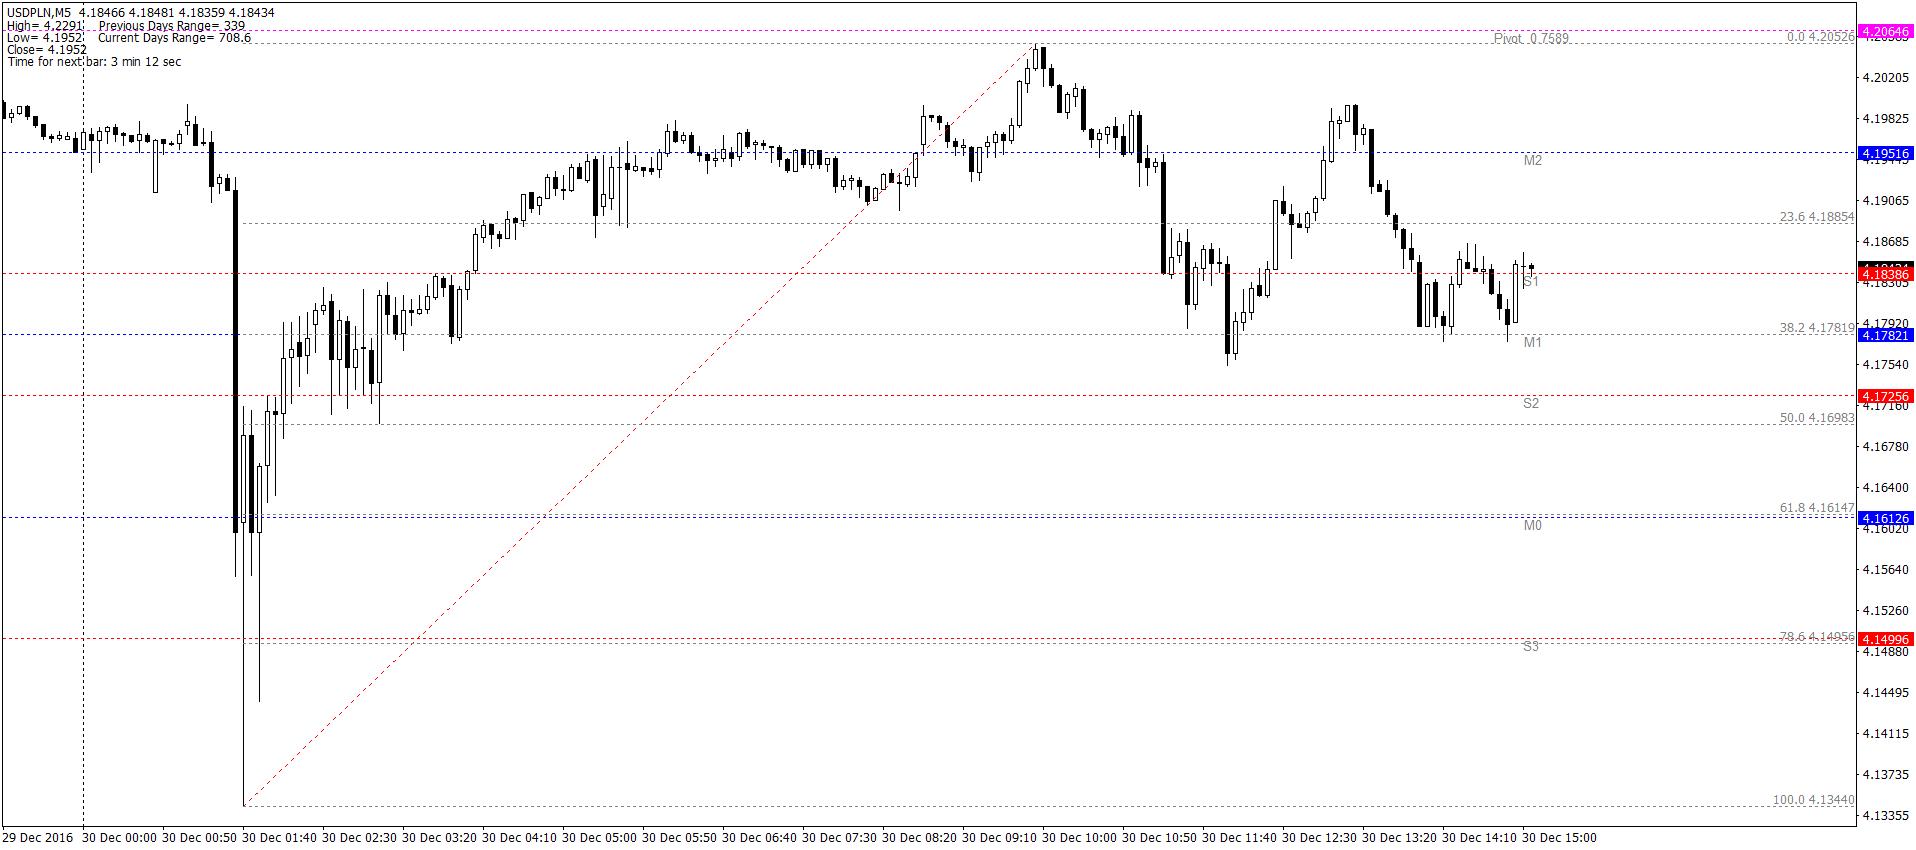 USD/PLN M5